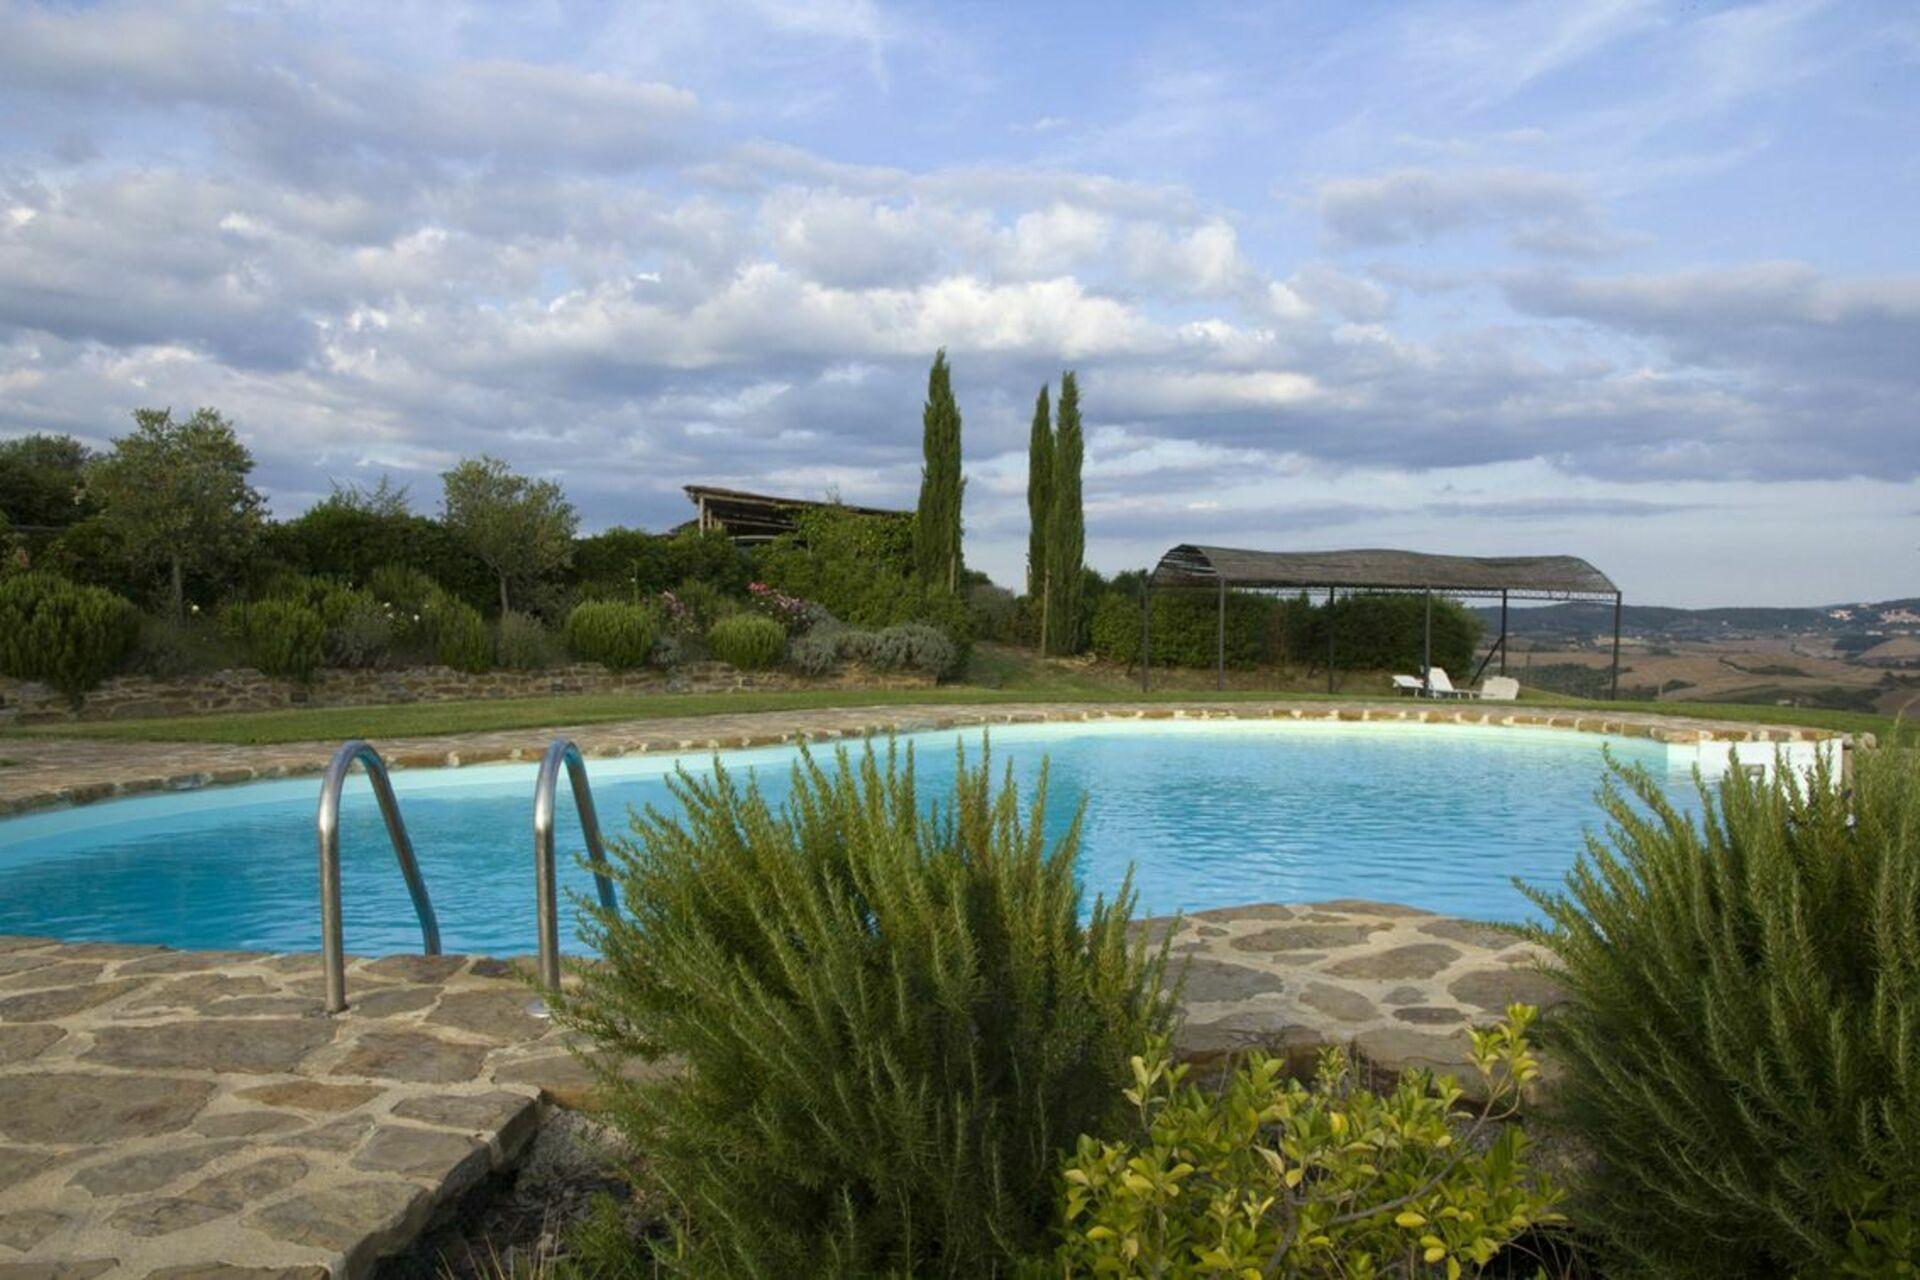 Villa with pool for rent in Tuscany - La Casa Del Sole Di Siena